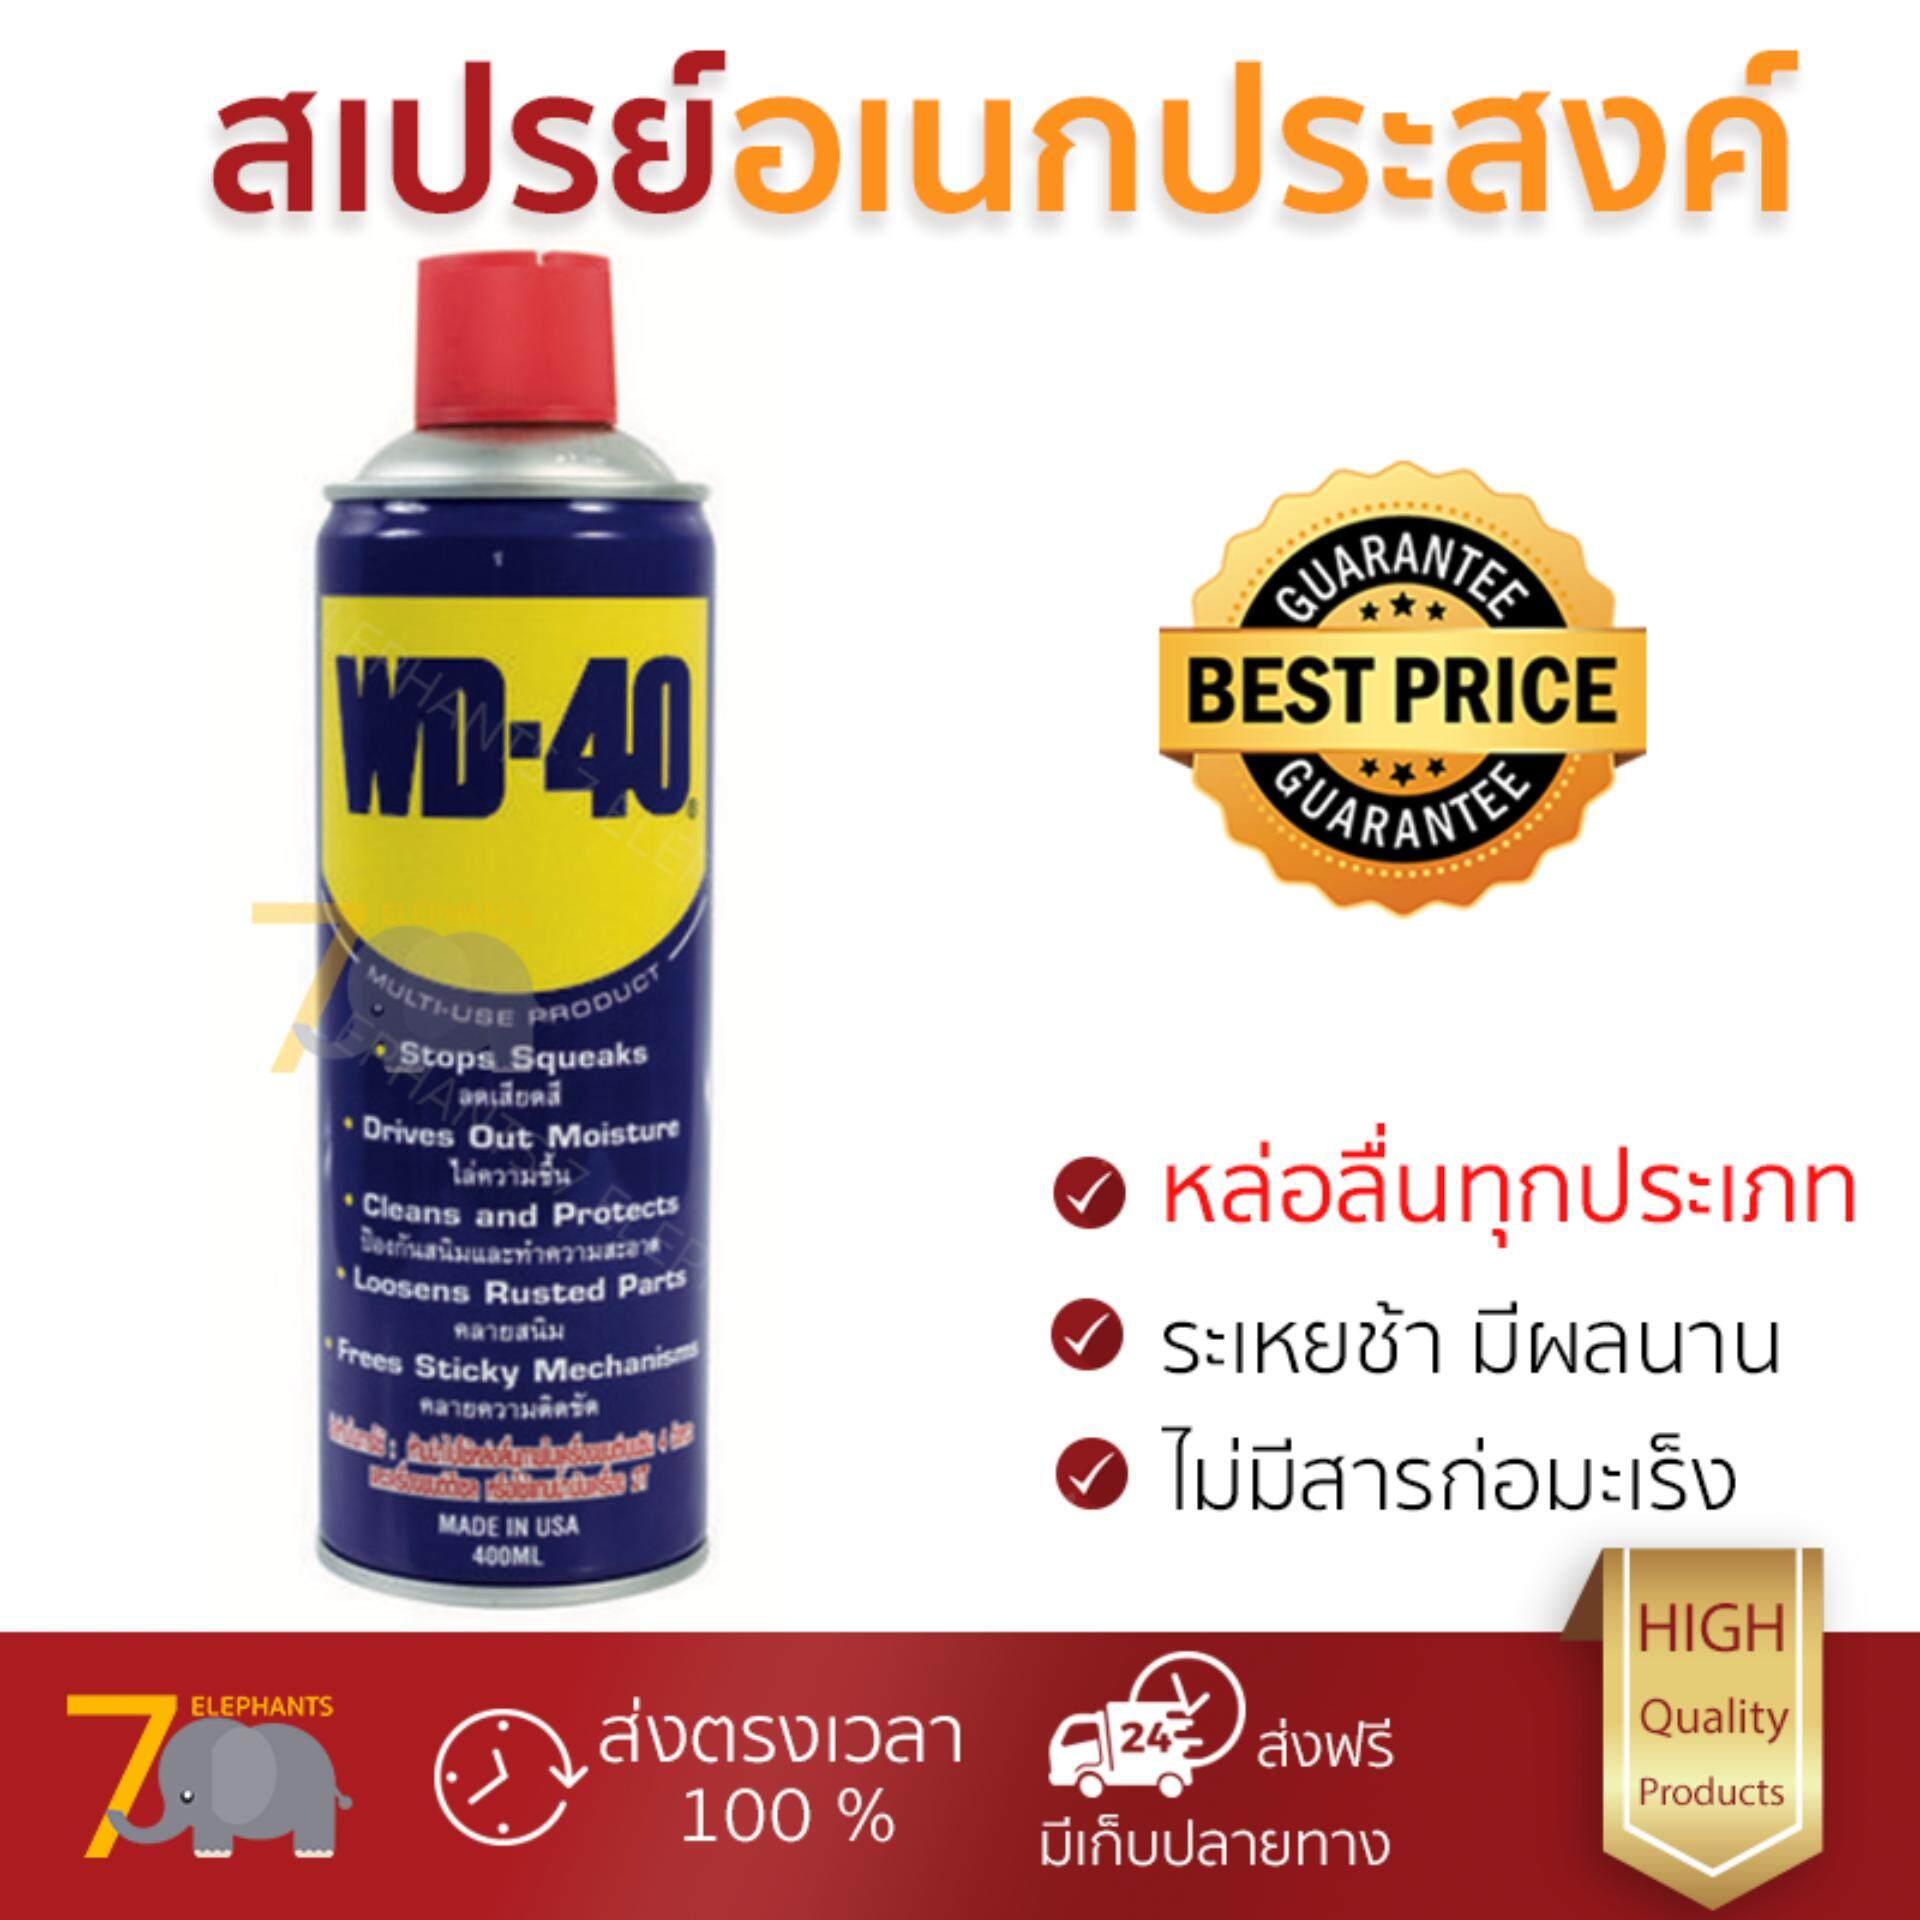 เก็บเงินปลายทางได้ สเปรย์หล่อลื่น ขายดีมาก สเปรย์อเนกประสงค์ WD-40400ML | WD-40 | 8855928005482 ไล่ความชื้นได้ดีมาก ป้องกันสนิม ใช้ง่ายอเนกประสงค์ Lubricants Spray จัดส่งฟรี Kerry ทั่วประเทศ